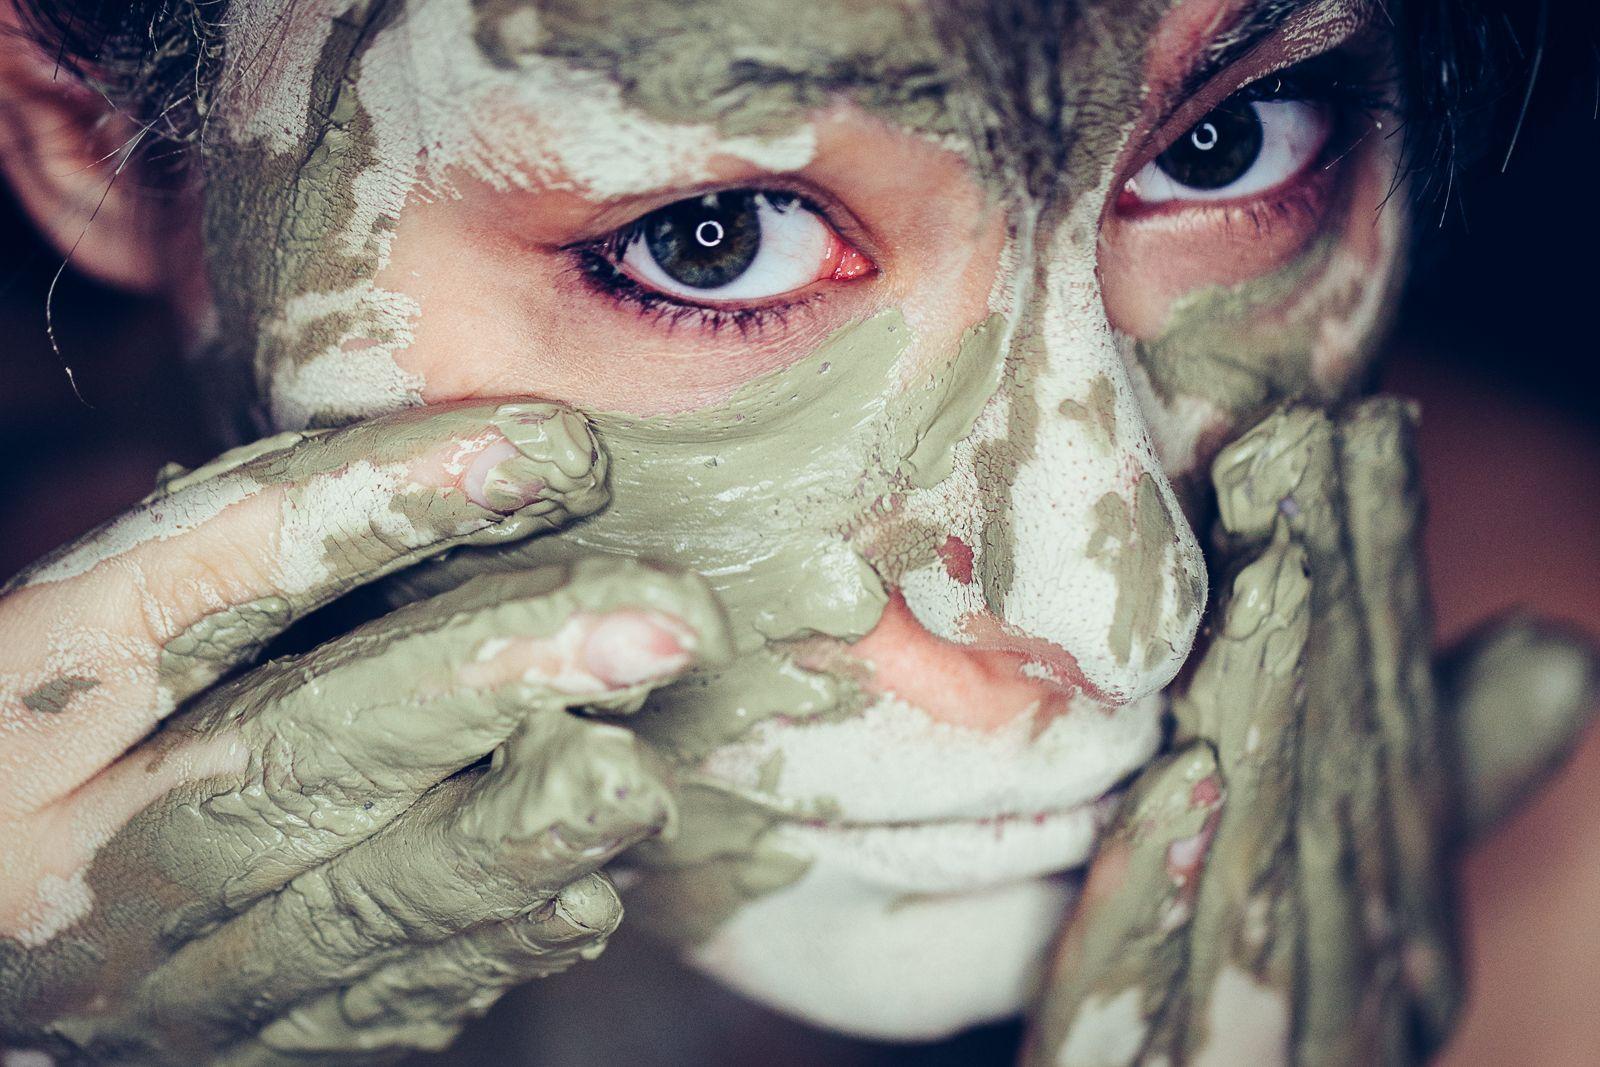 pochestorie-mad-mud-portrait-11.jpg